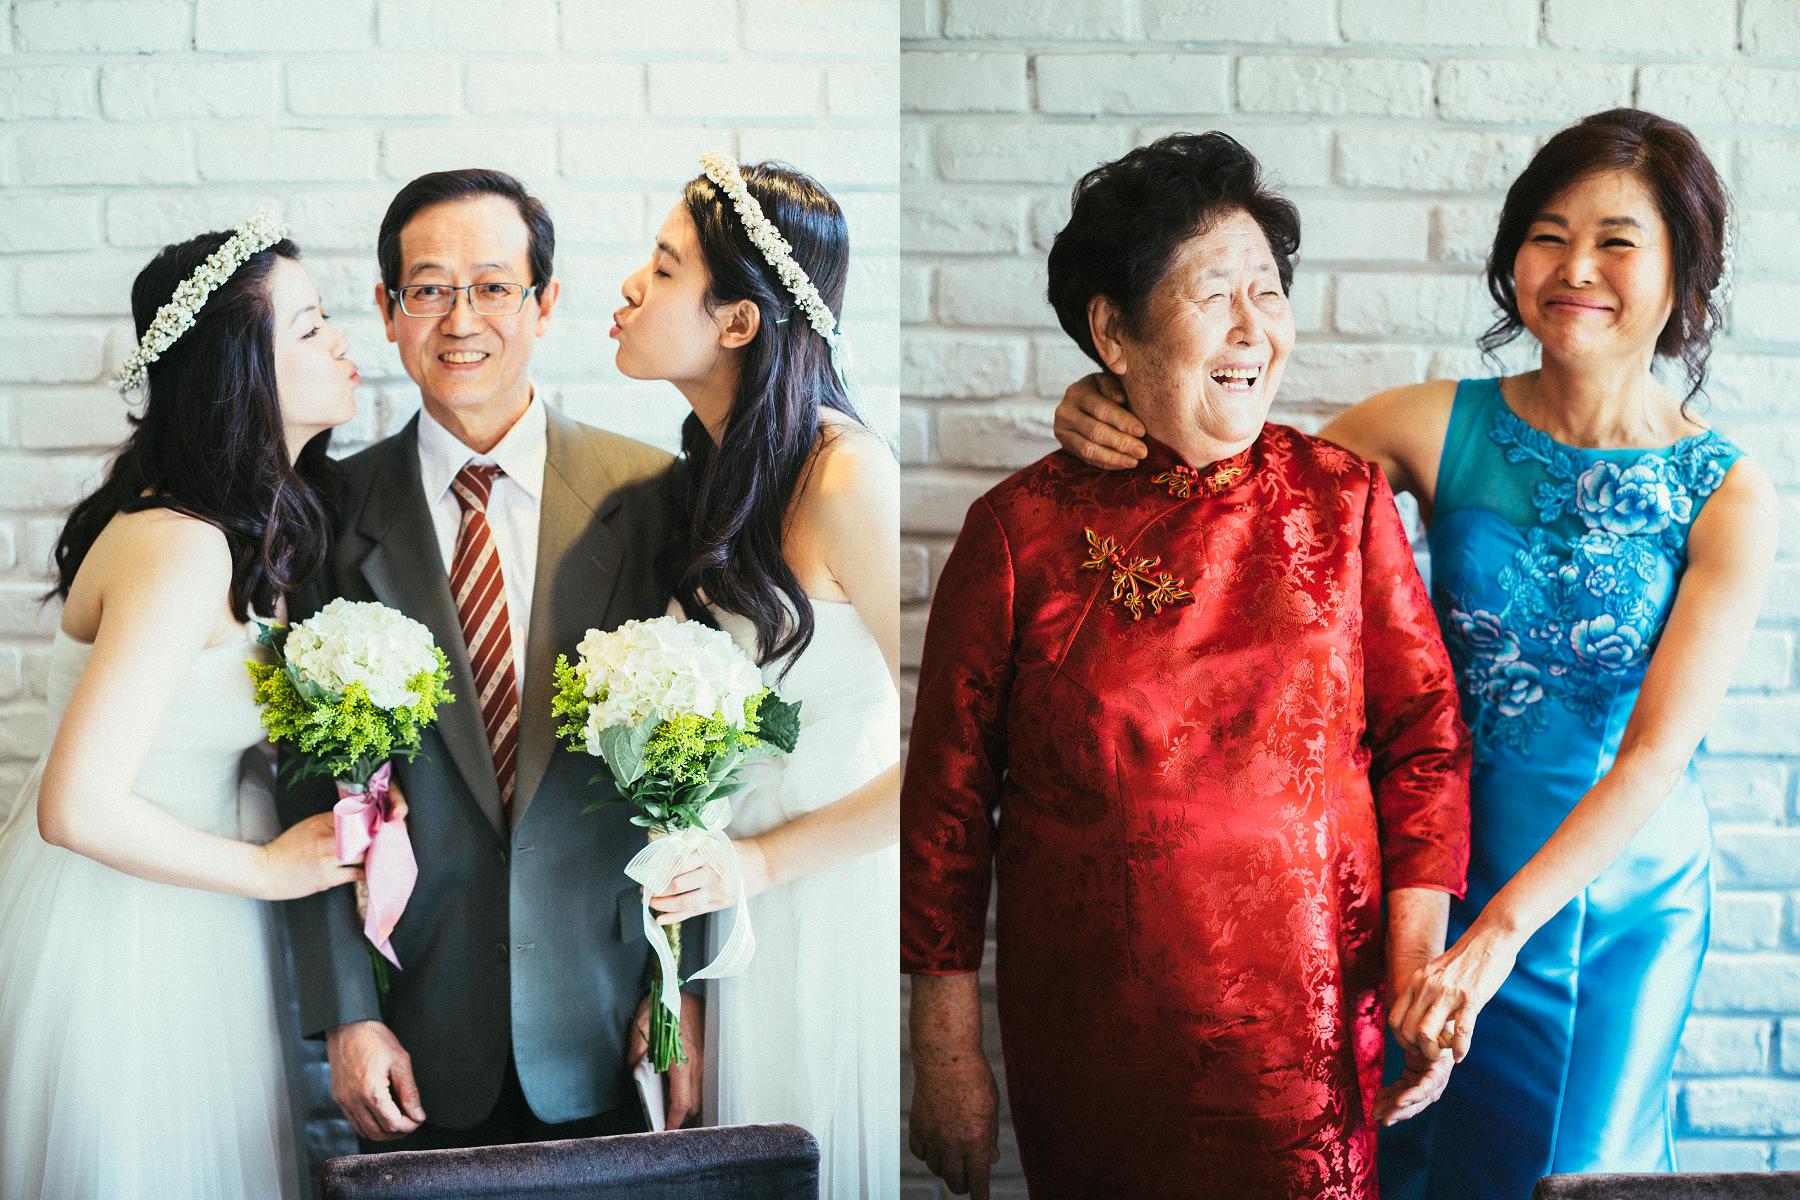 婚攝推薦、婚禮紀錄、新生兒拍攝推薦、婚禮婚紗-0011-1.jpg